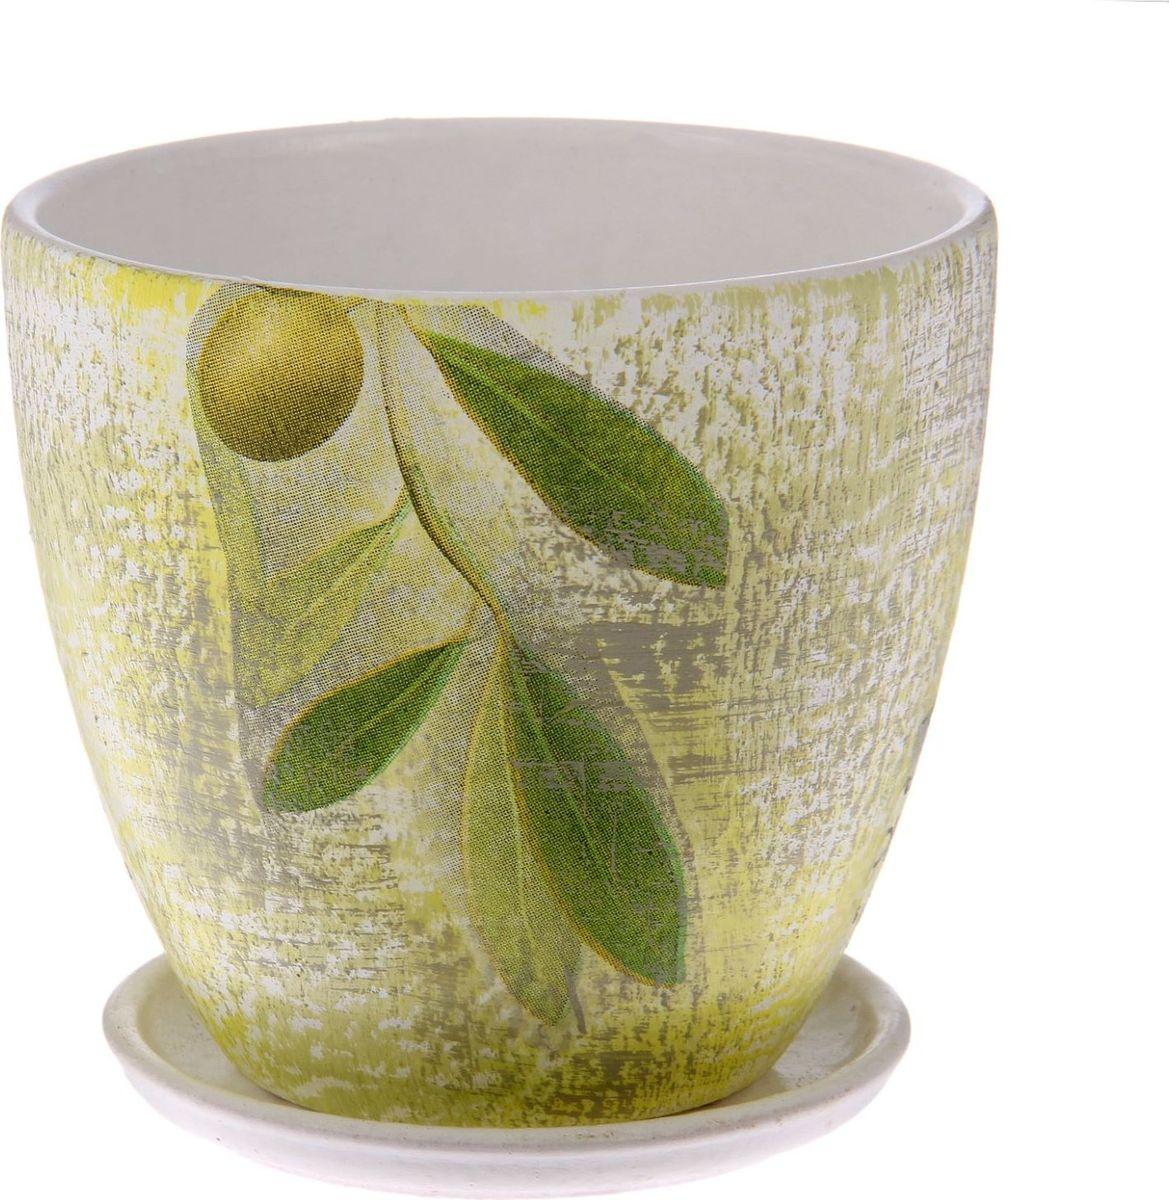 Кашпо Олива, поддоном, цвет: оливковый, белый, 0,8 л1437912Комнатные растения - всеобщие любимцы. Они радуют глаз, насыщают помещение кислородом и украшают пространство. Каждому из них необходим свой удобный и красивый дом. Кашпо из керамики прекрасно подходят для высадки растений: пористый материал позволяет испаряться лишней влаге; воздух, необходимый для дыхания корней, проникает сквозь керамические стенки. Кашпо Олива позаботится о зелёном питомце, освежит интерьер и подчеркнёт его стиль. Объем: 0,8 л.